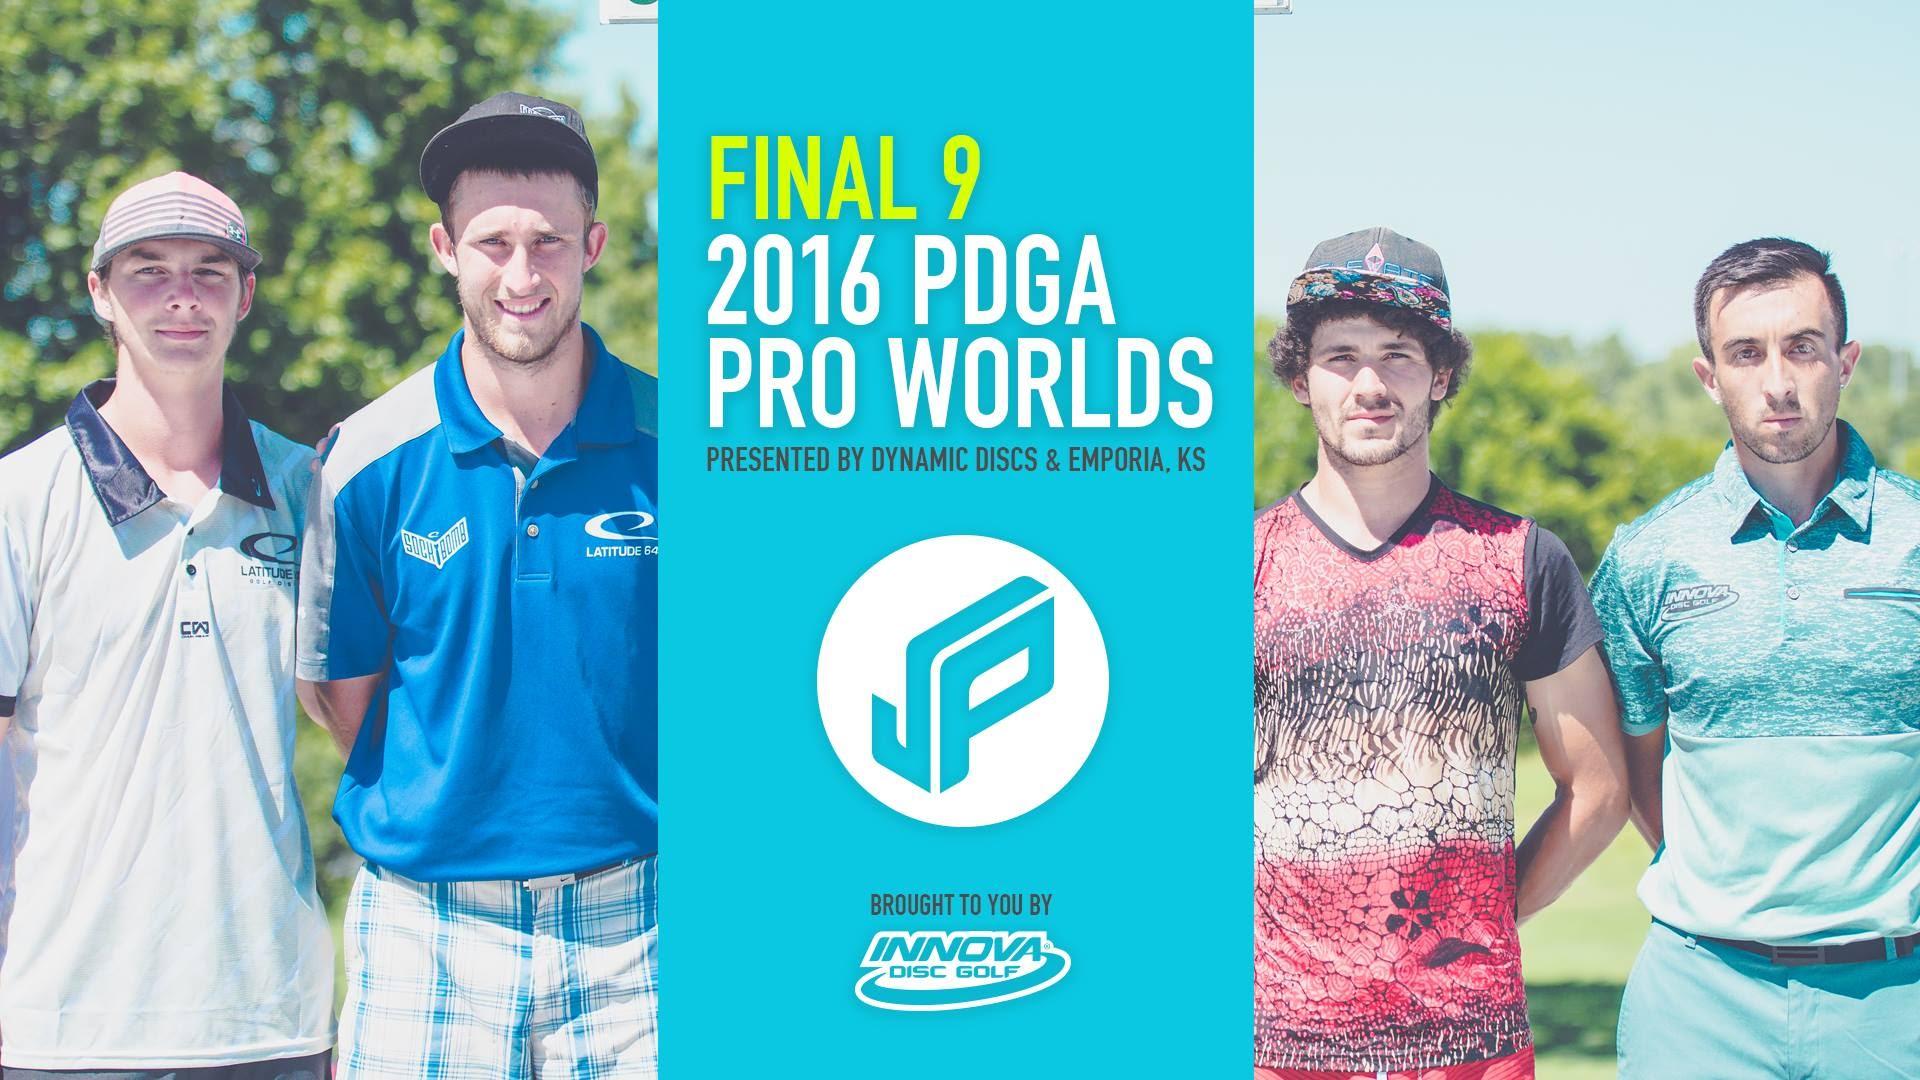 2016 PDGA Pro Worlds Final 9